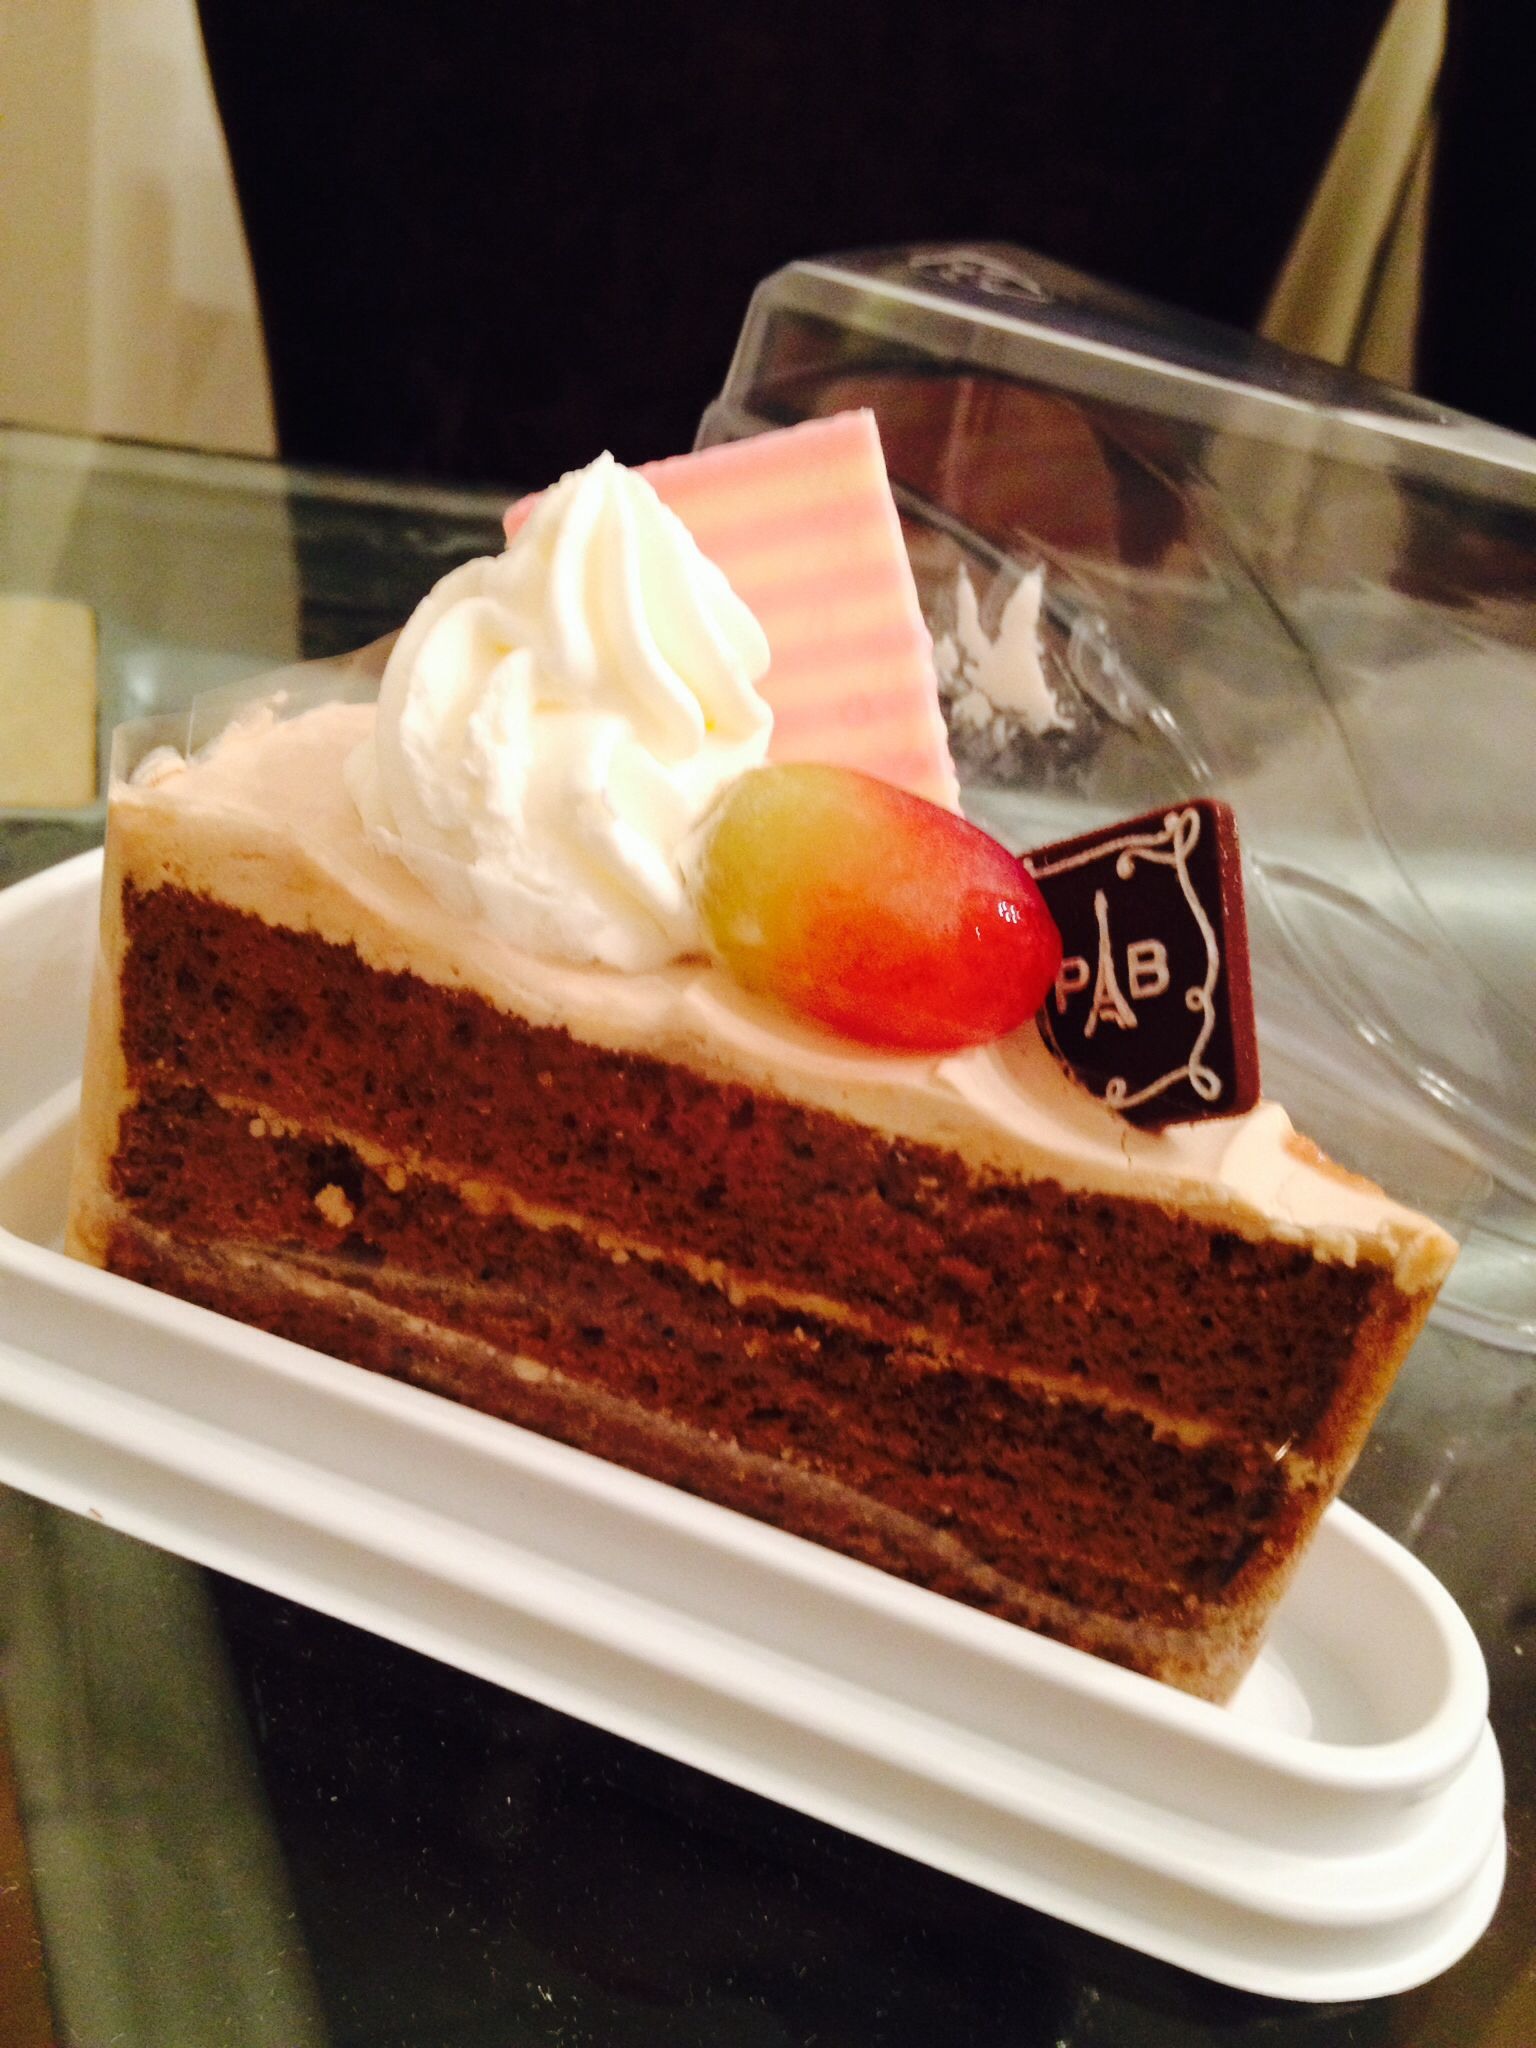 Dessert paris baguette mocha cake mit bildern